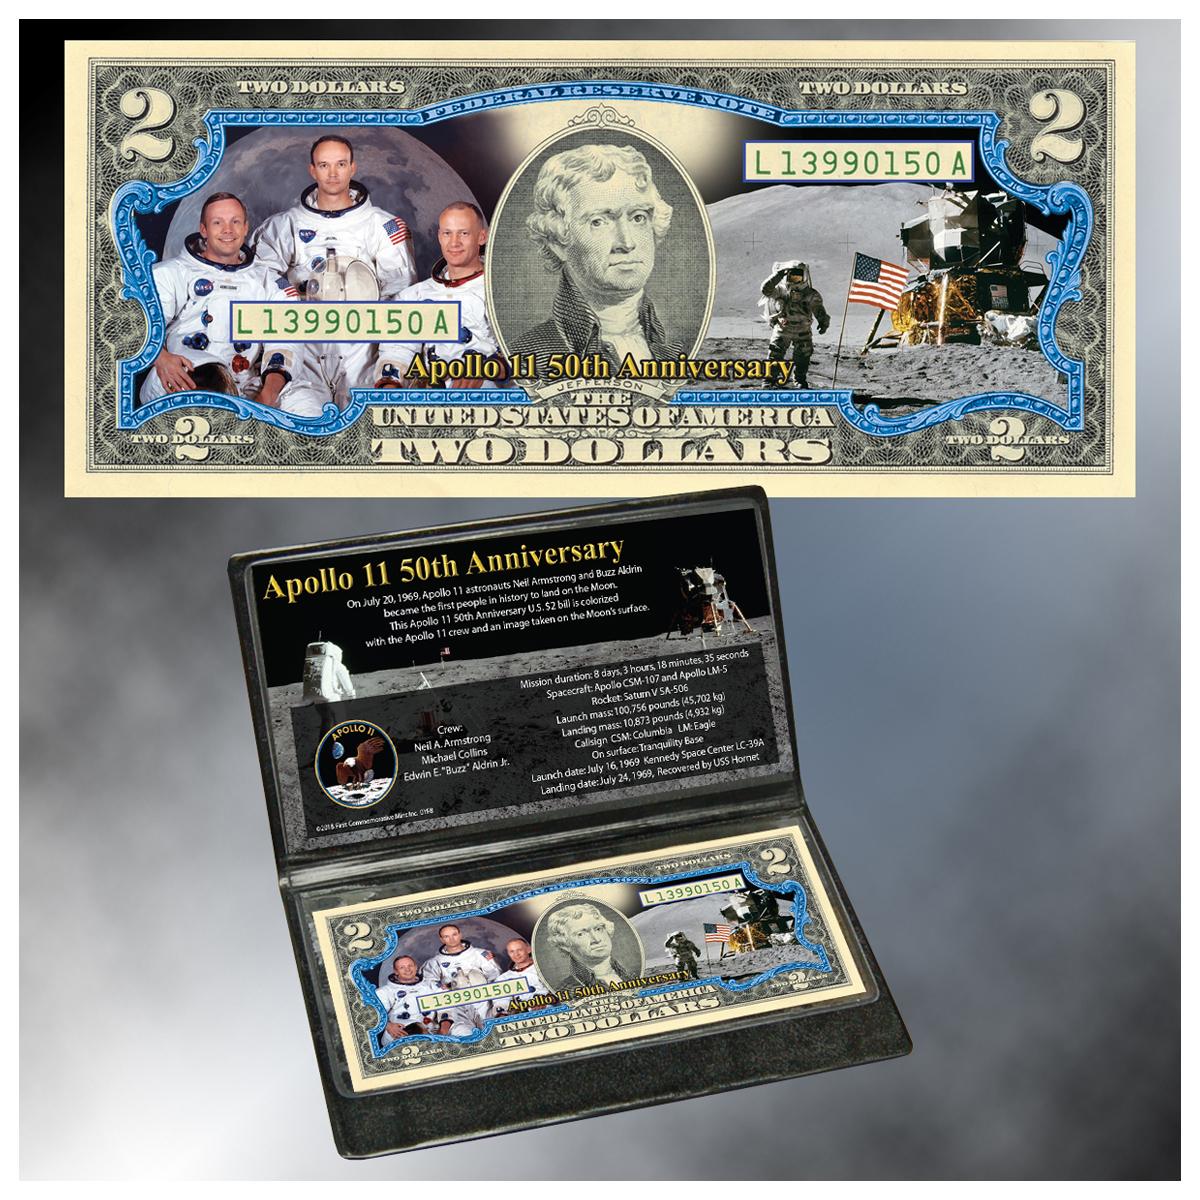 Apollo 11 50th Anniversary Colorized $2 Bill